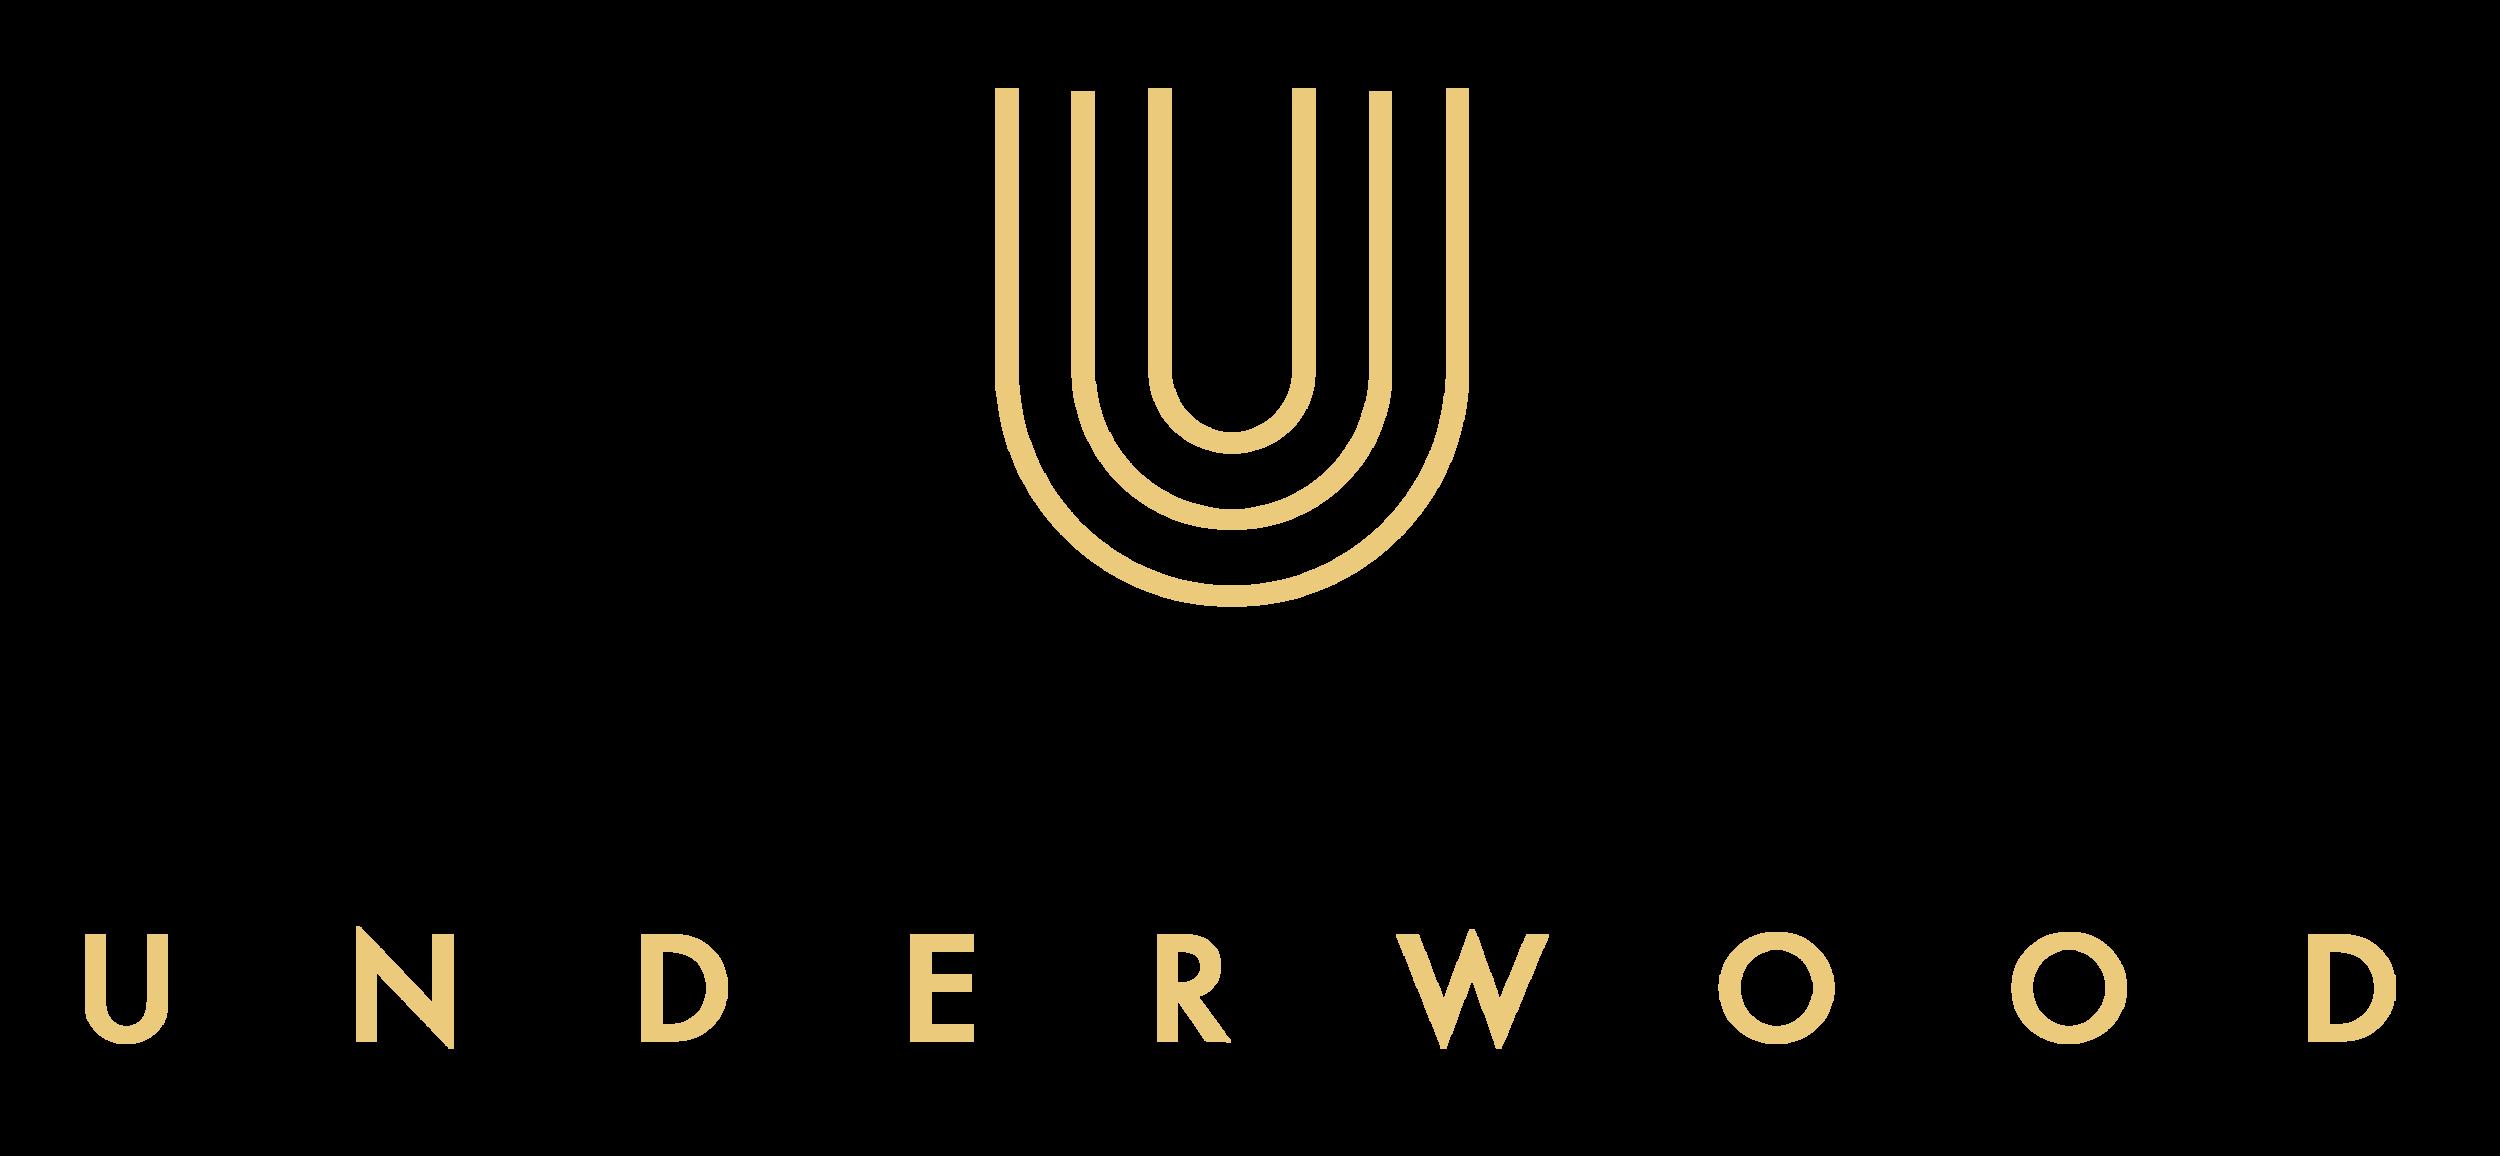 Edward Underwood